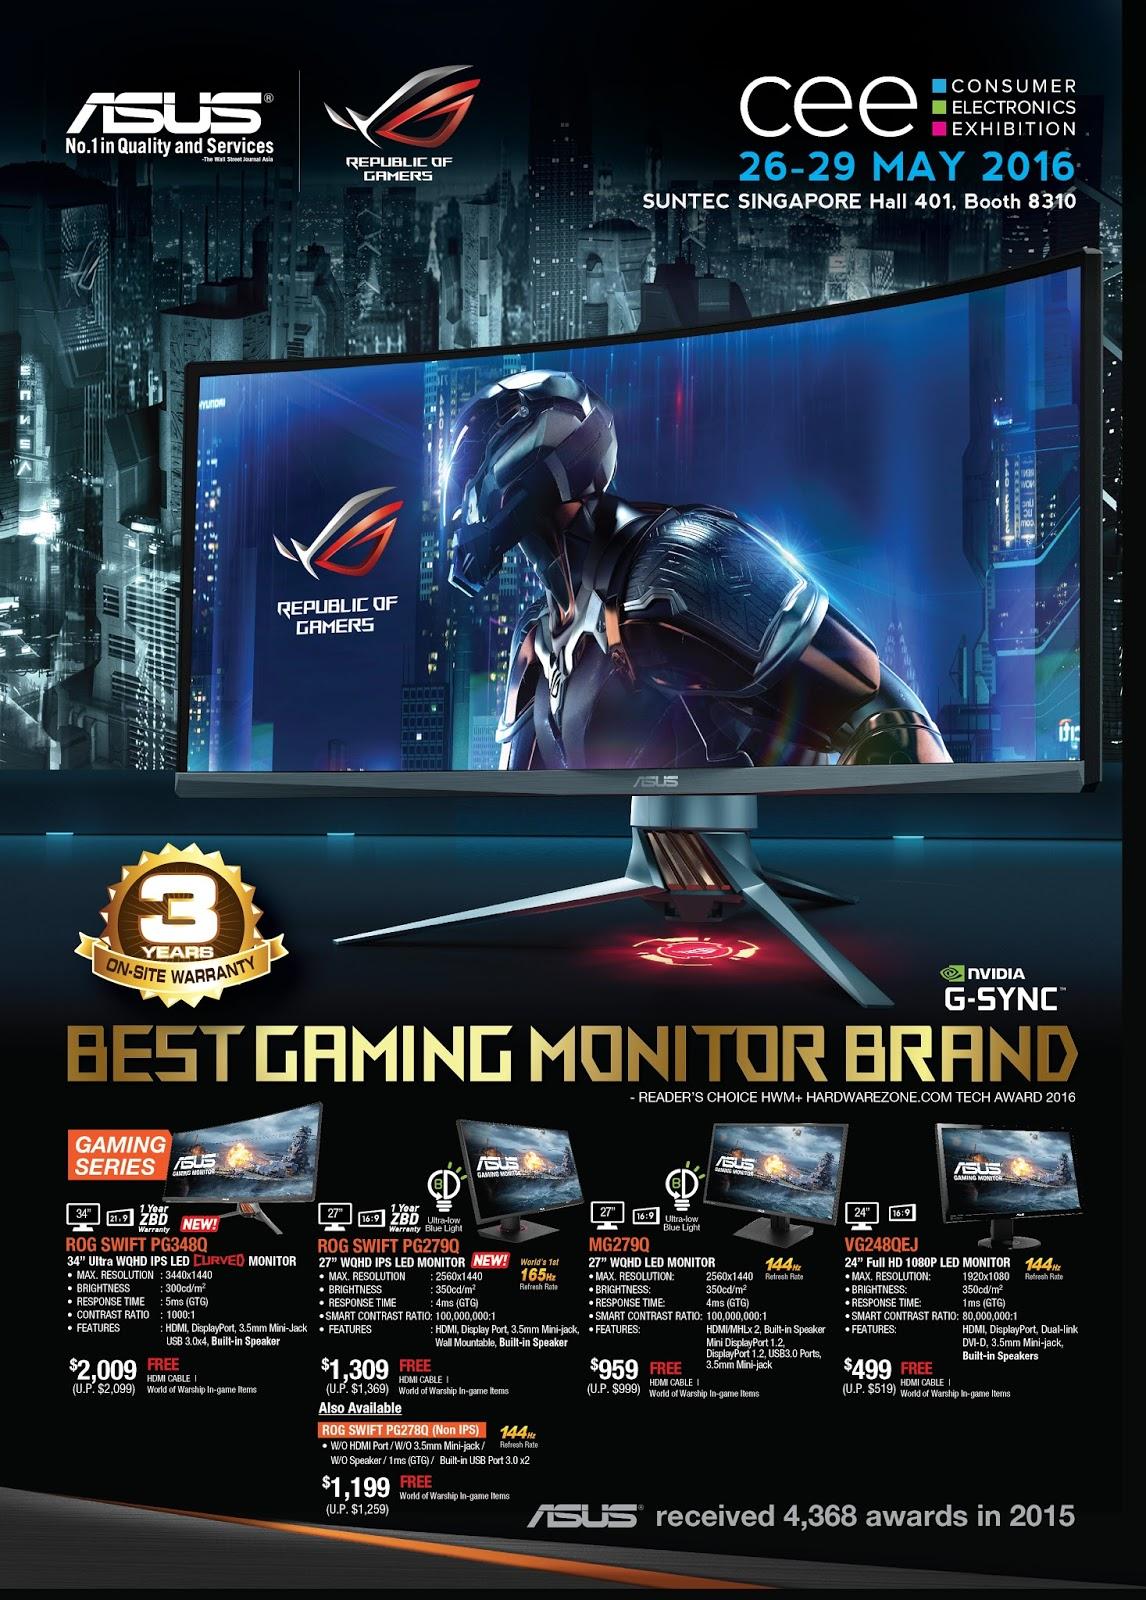 Asus gaming desktops amp monitors brochures from cee show 2016 singapore - Asus Gaming Desktops Amp Monitors Brochures From Cee Show 2016 Singapore 3